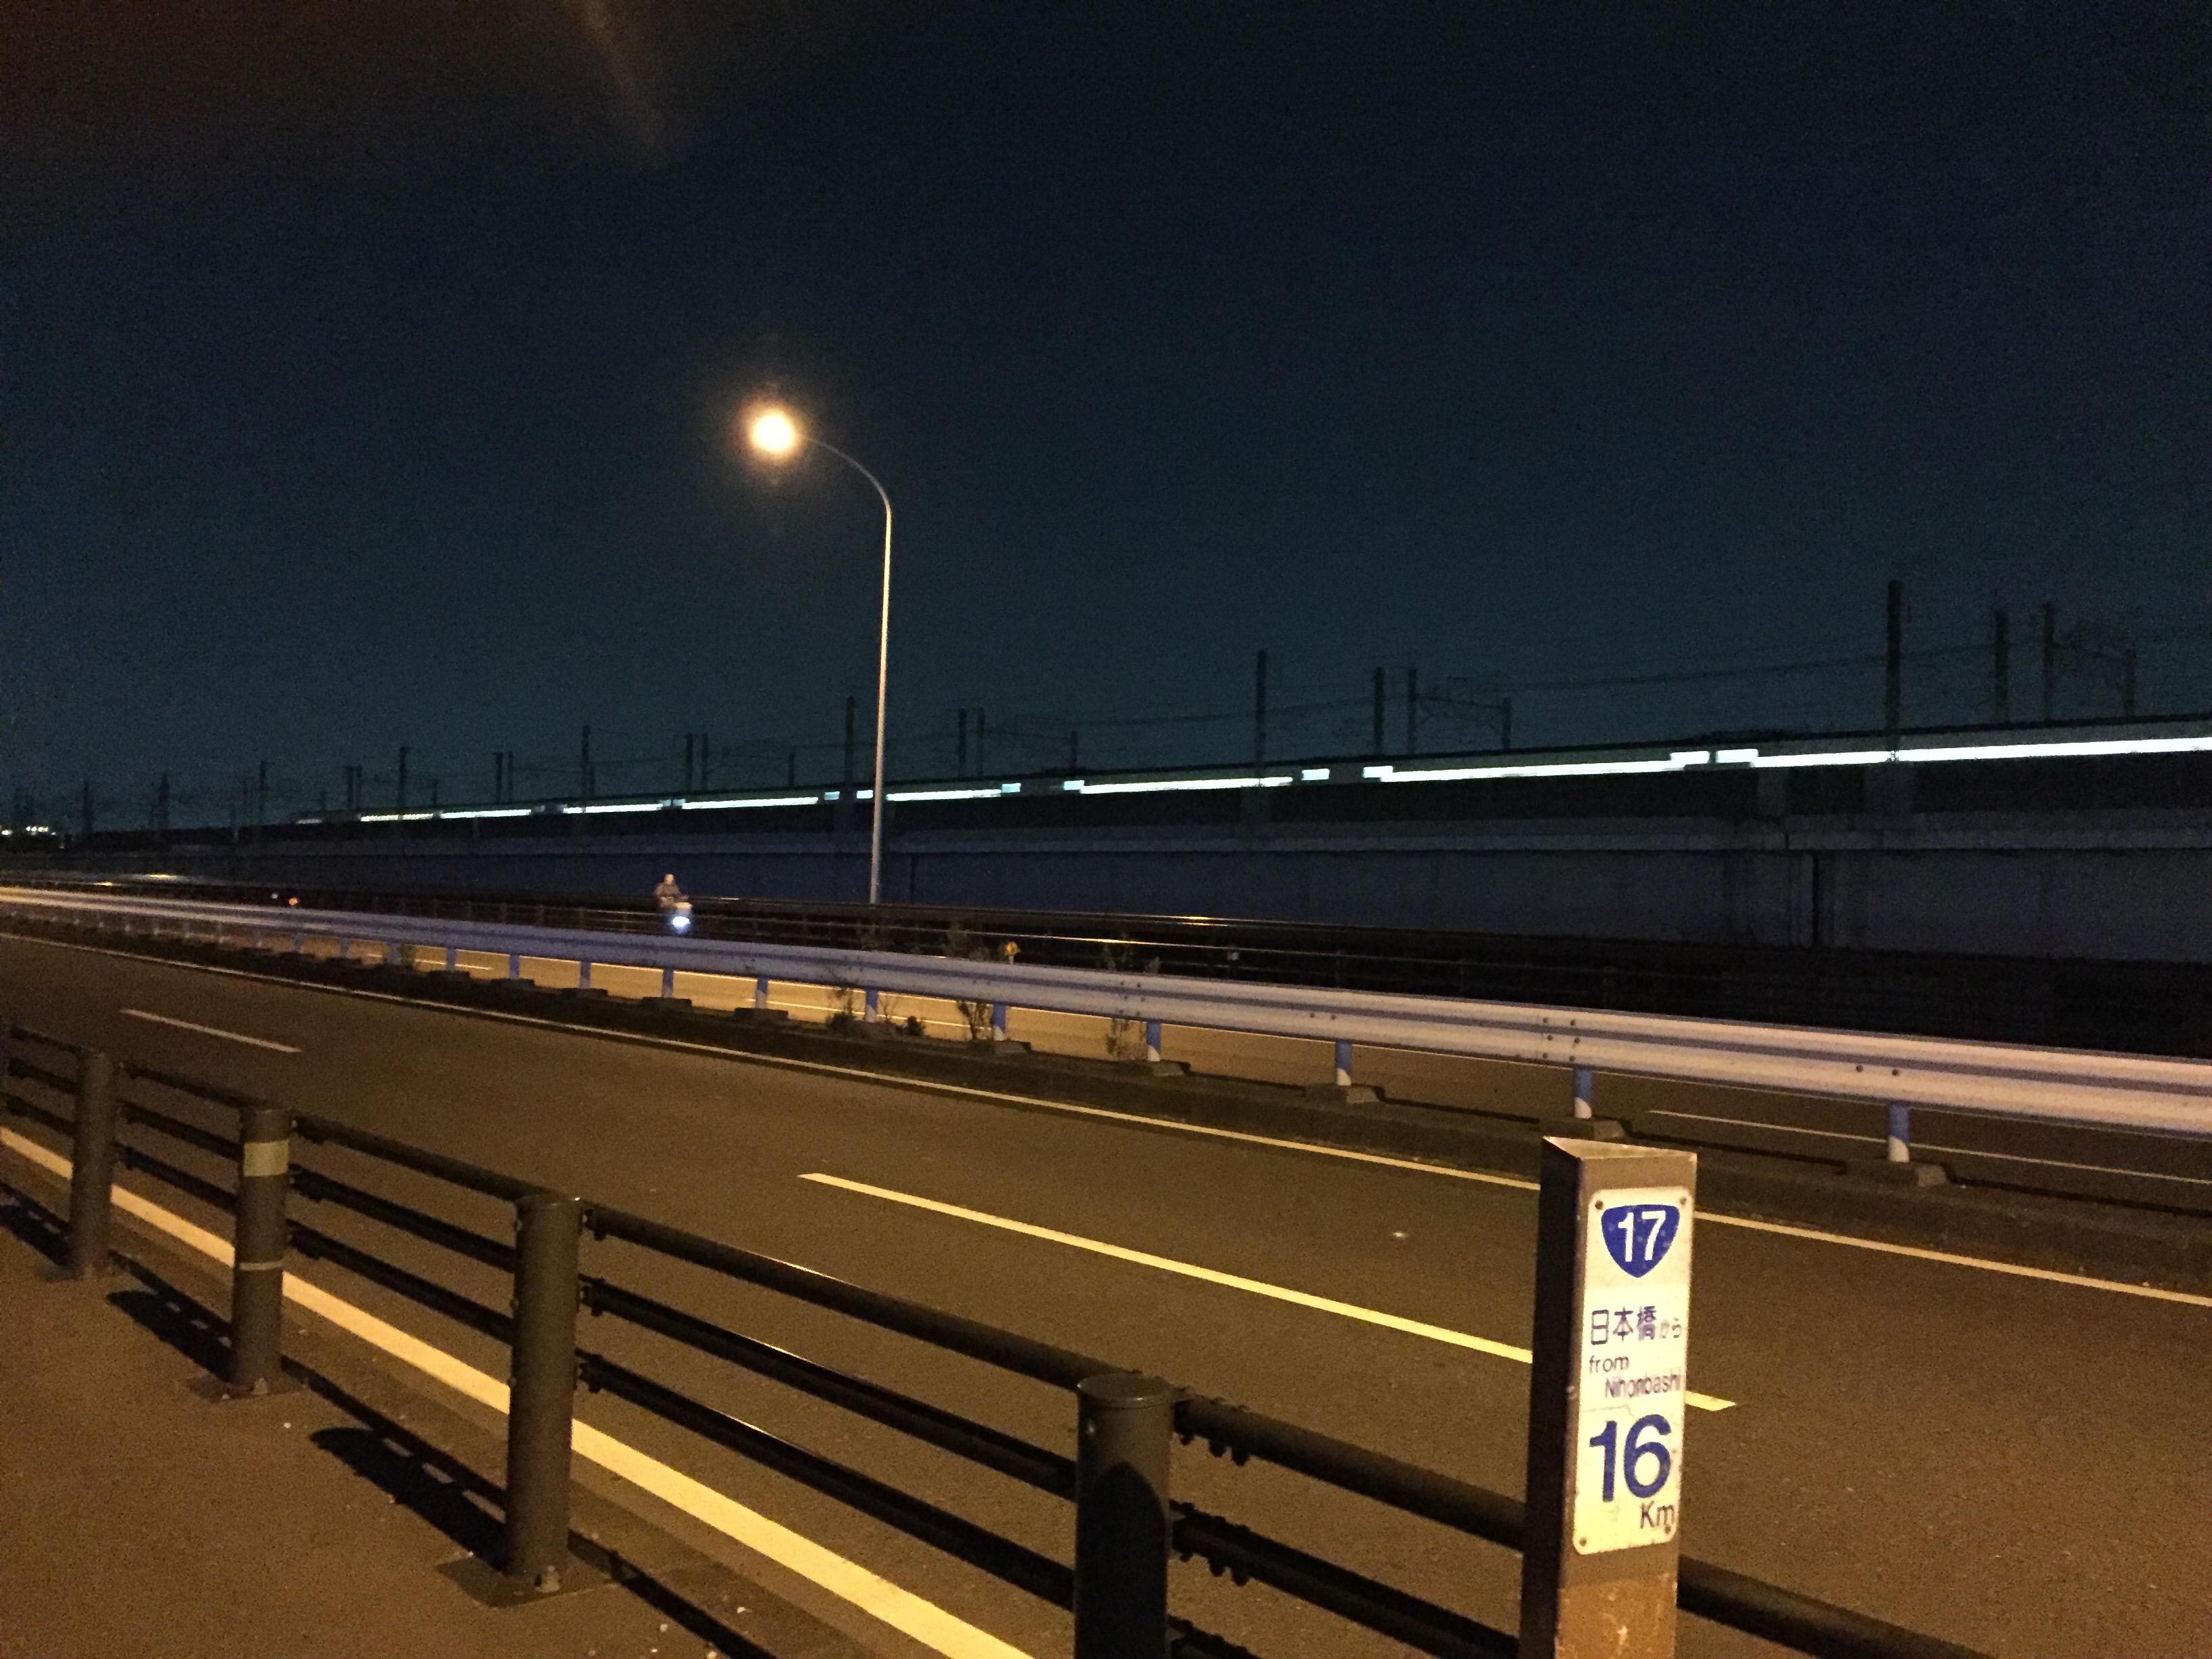 夜の橋の上と街灯